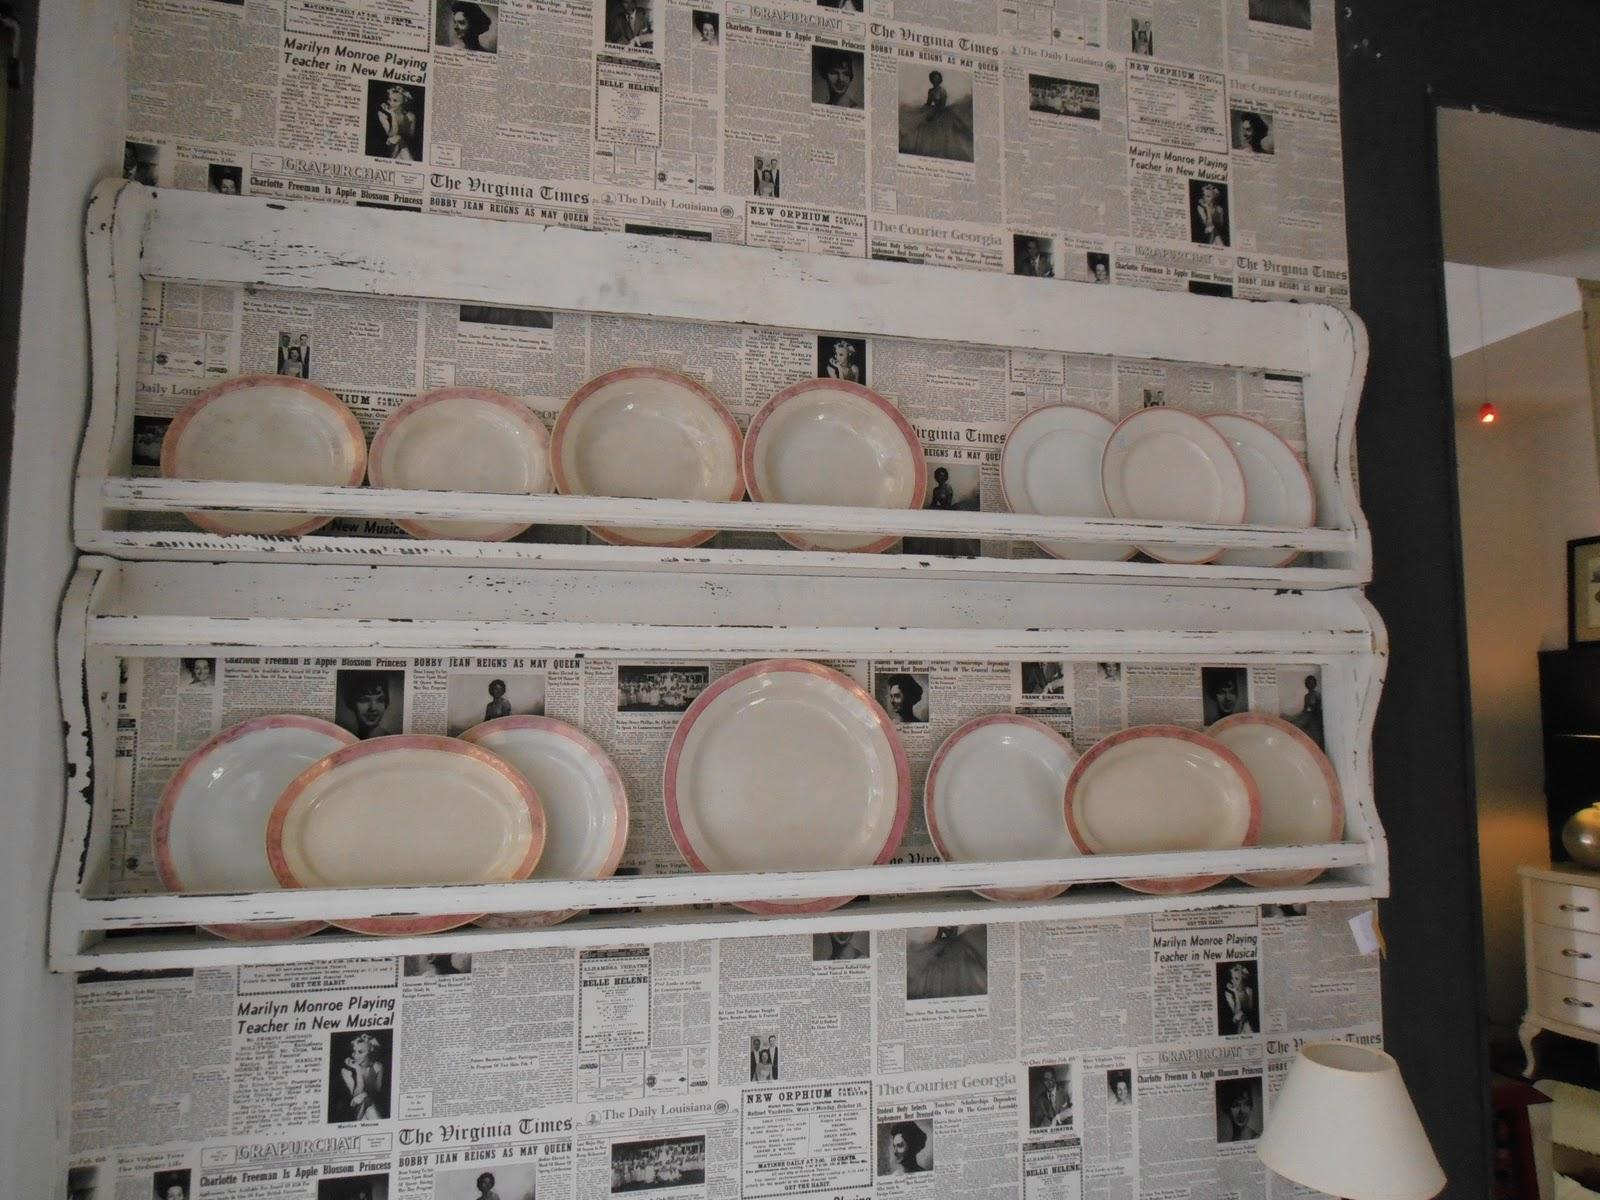 Il blog di nuovo abitare consigli di arredamento pezzi for Sparecchiatavola moderno